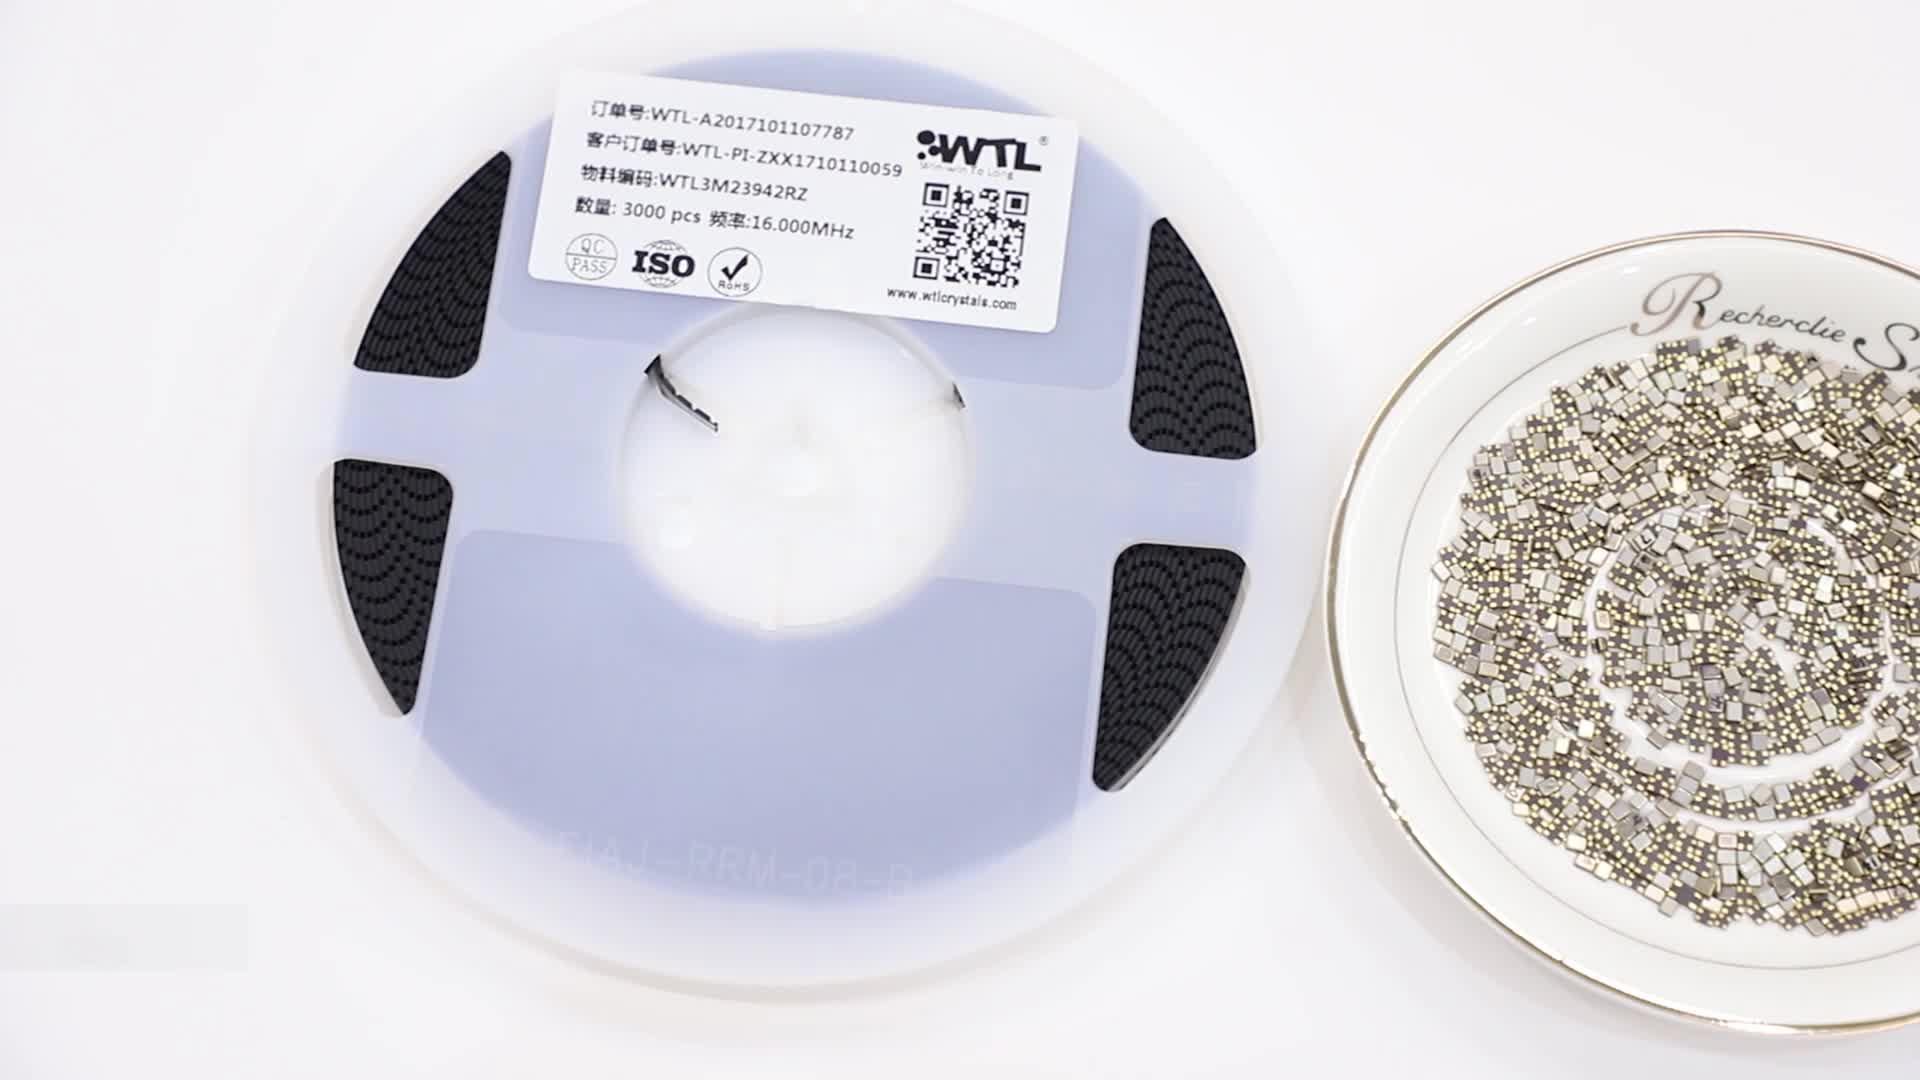 Free Sample WTL 7050 Crystal OSC XO 25.0008MHz 20ppm 3.3V CMOS SMD Oscillator